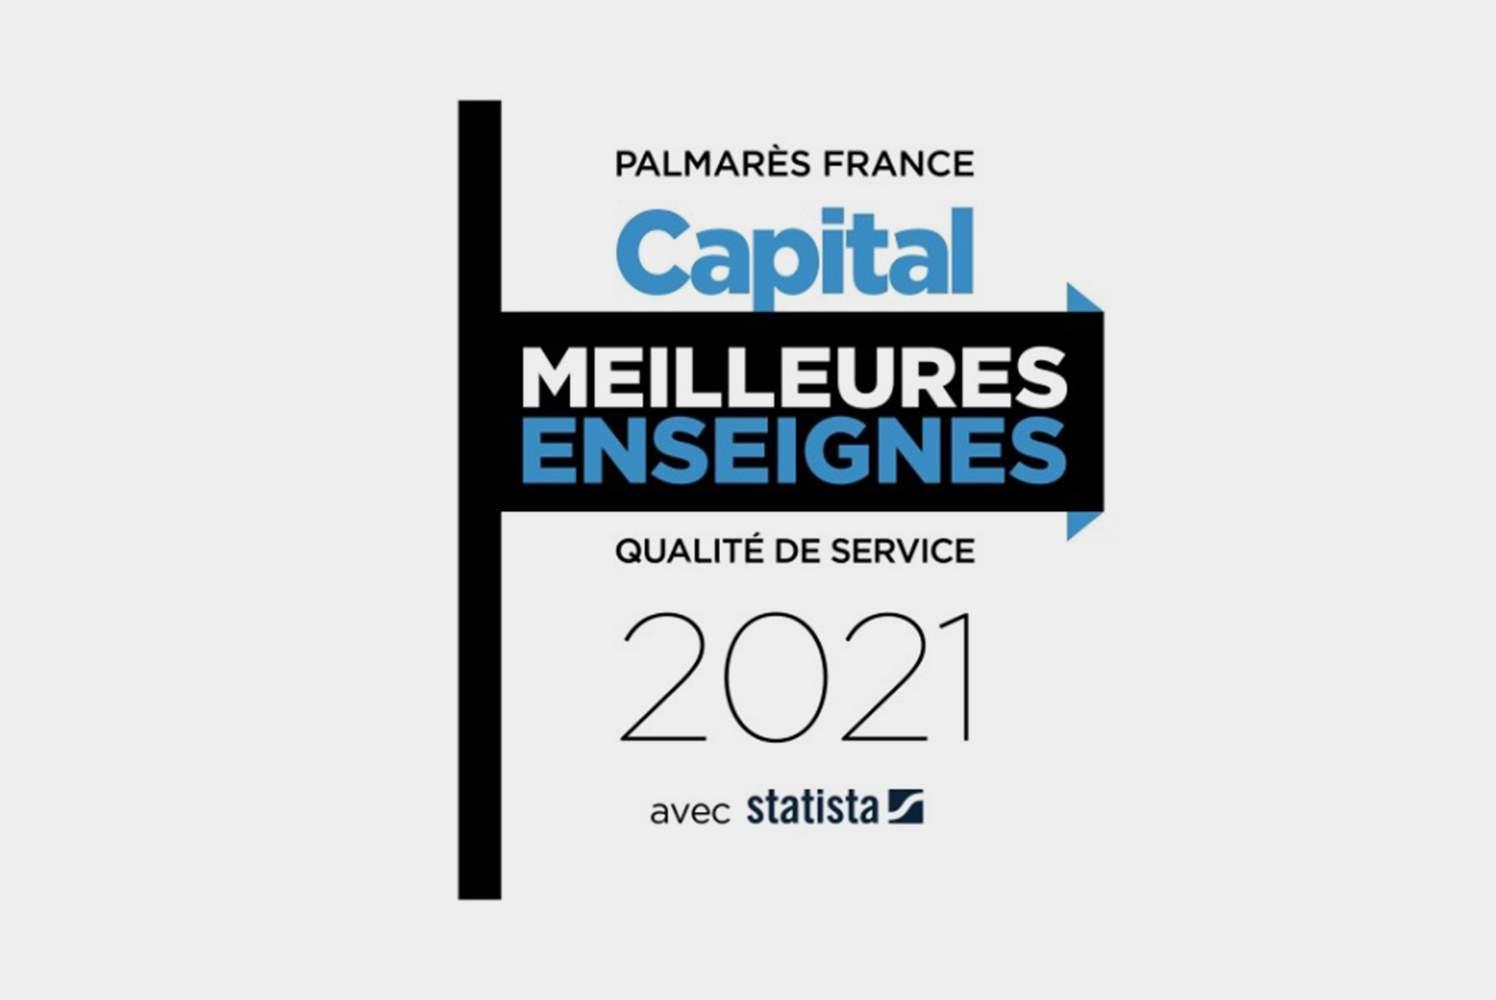 Meilleure Enseigne Multiservices de France 2021